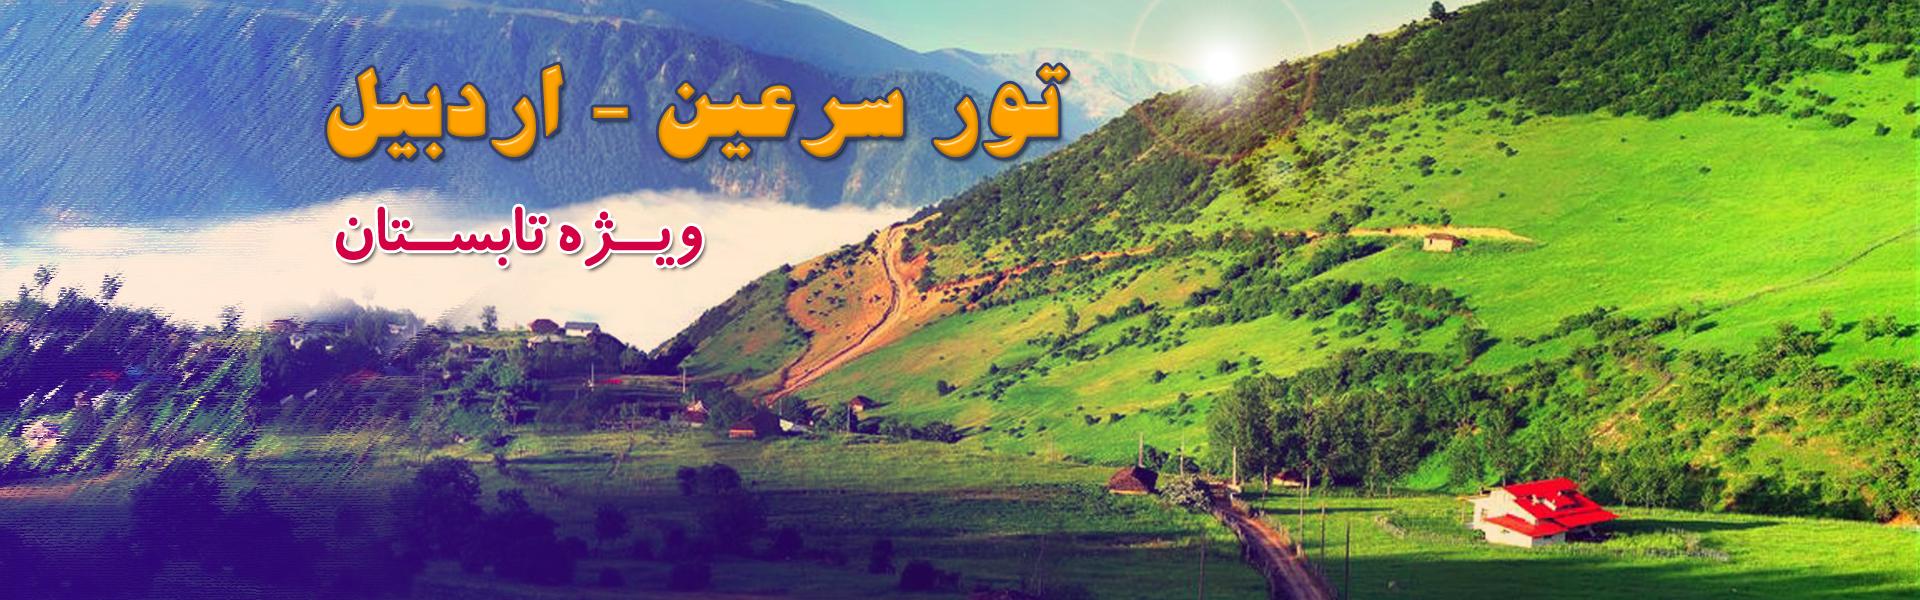 sarein-tabestan-2